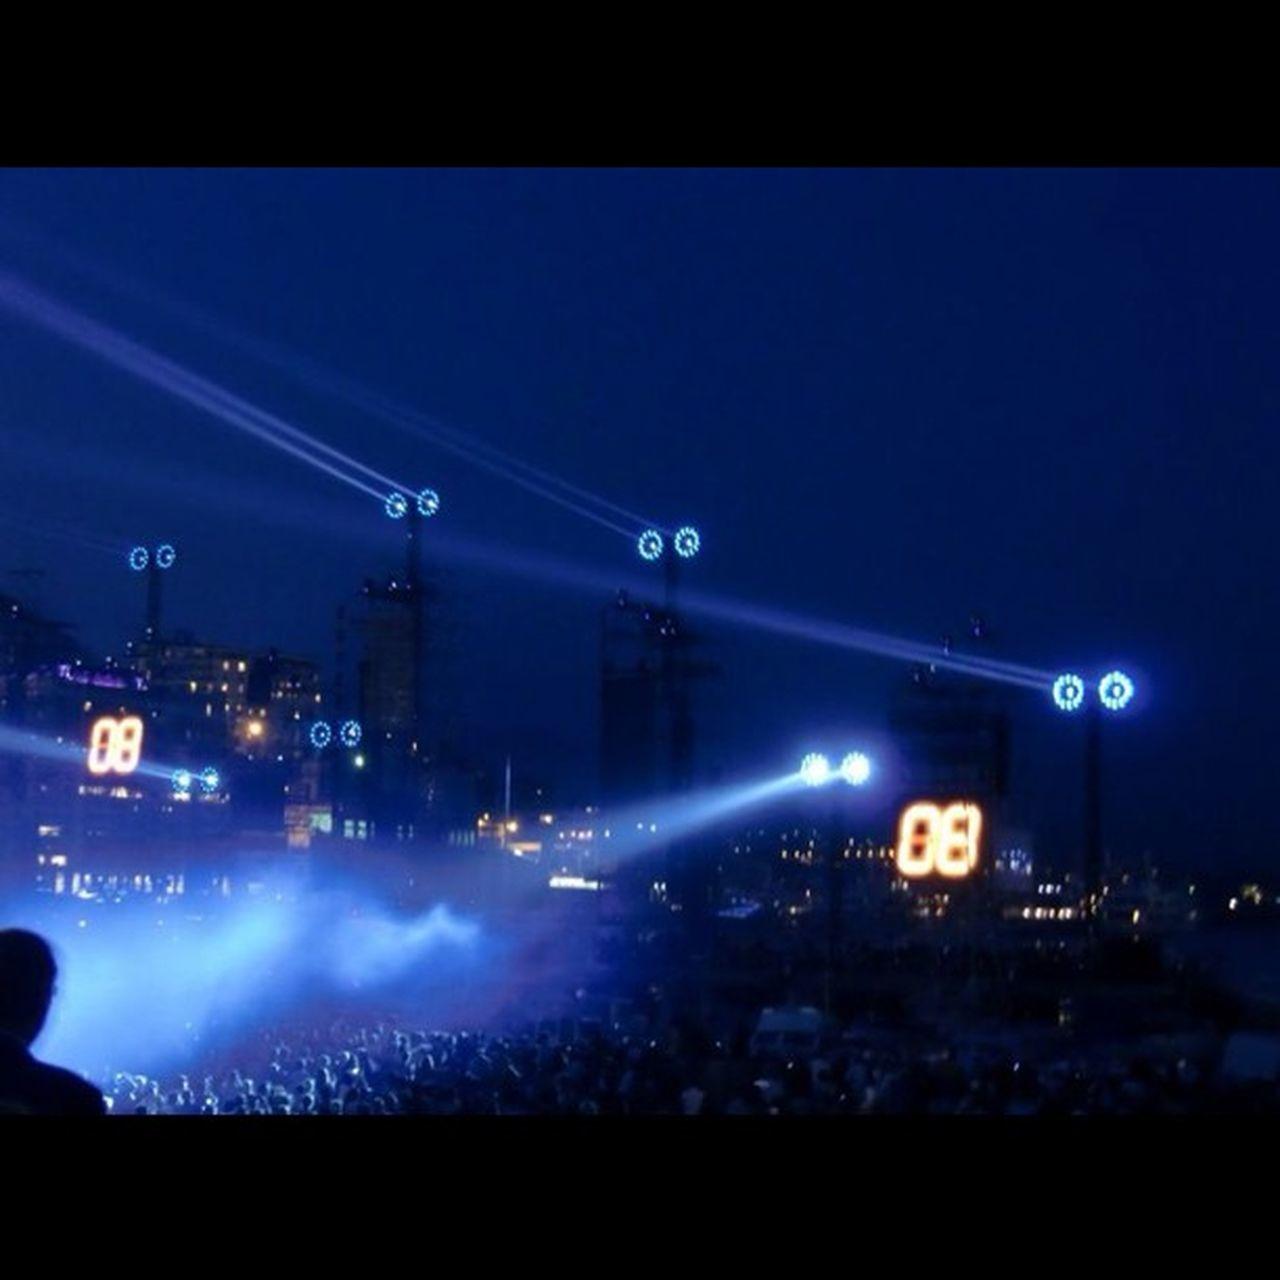 #monaco #concert #laser #light #audience #jarre #blue #night Monaco Audience Jarre Night Concert Light Music Blue Live Laser